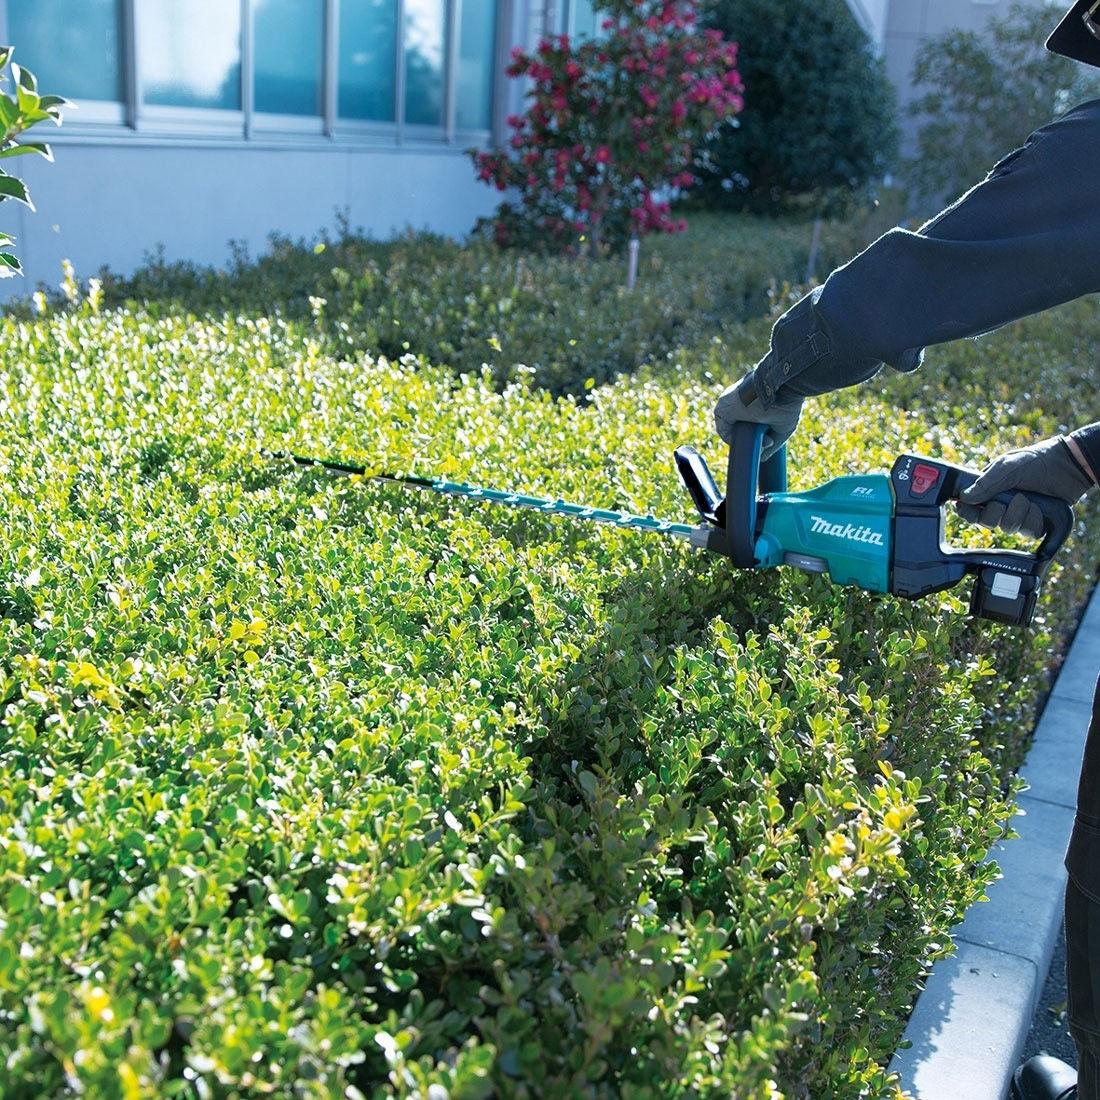 Máy cắt tỉa hàng rào Makita DUH601Z (Không pin, sạc) - META.vn